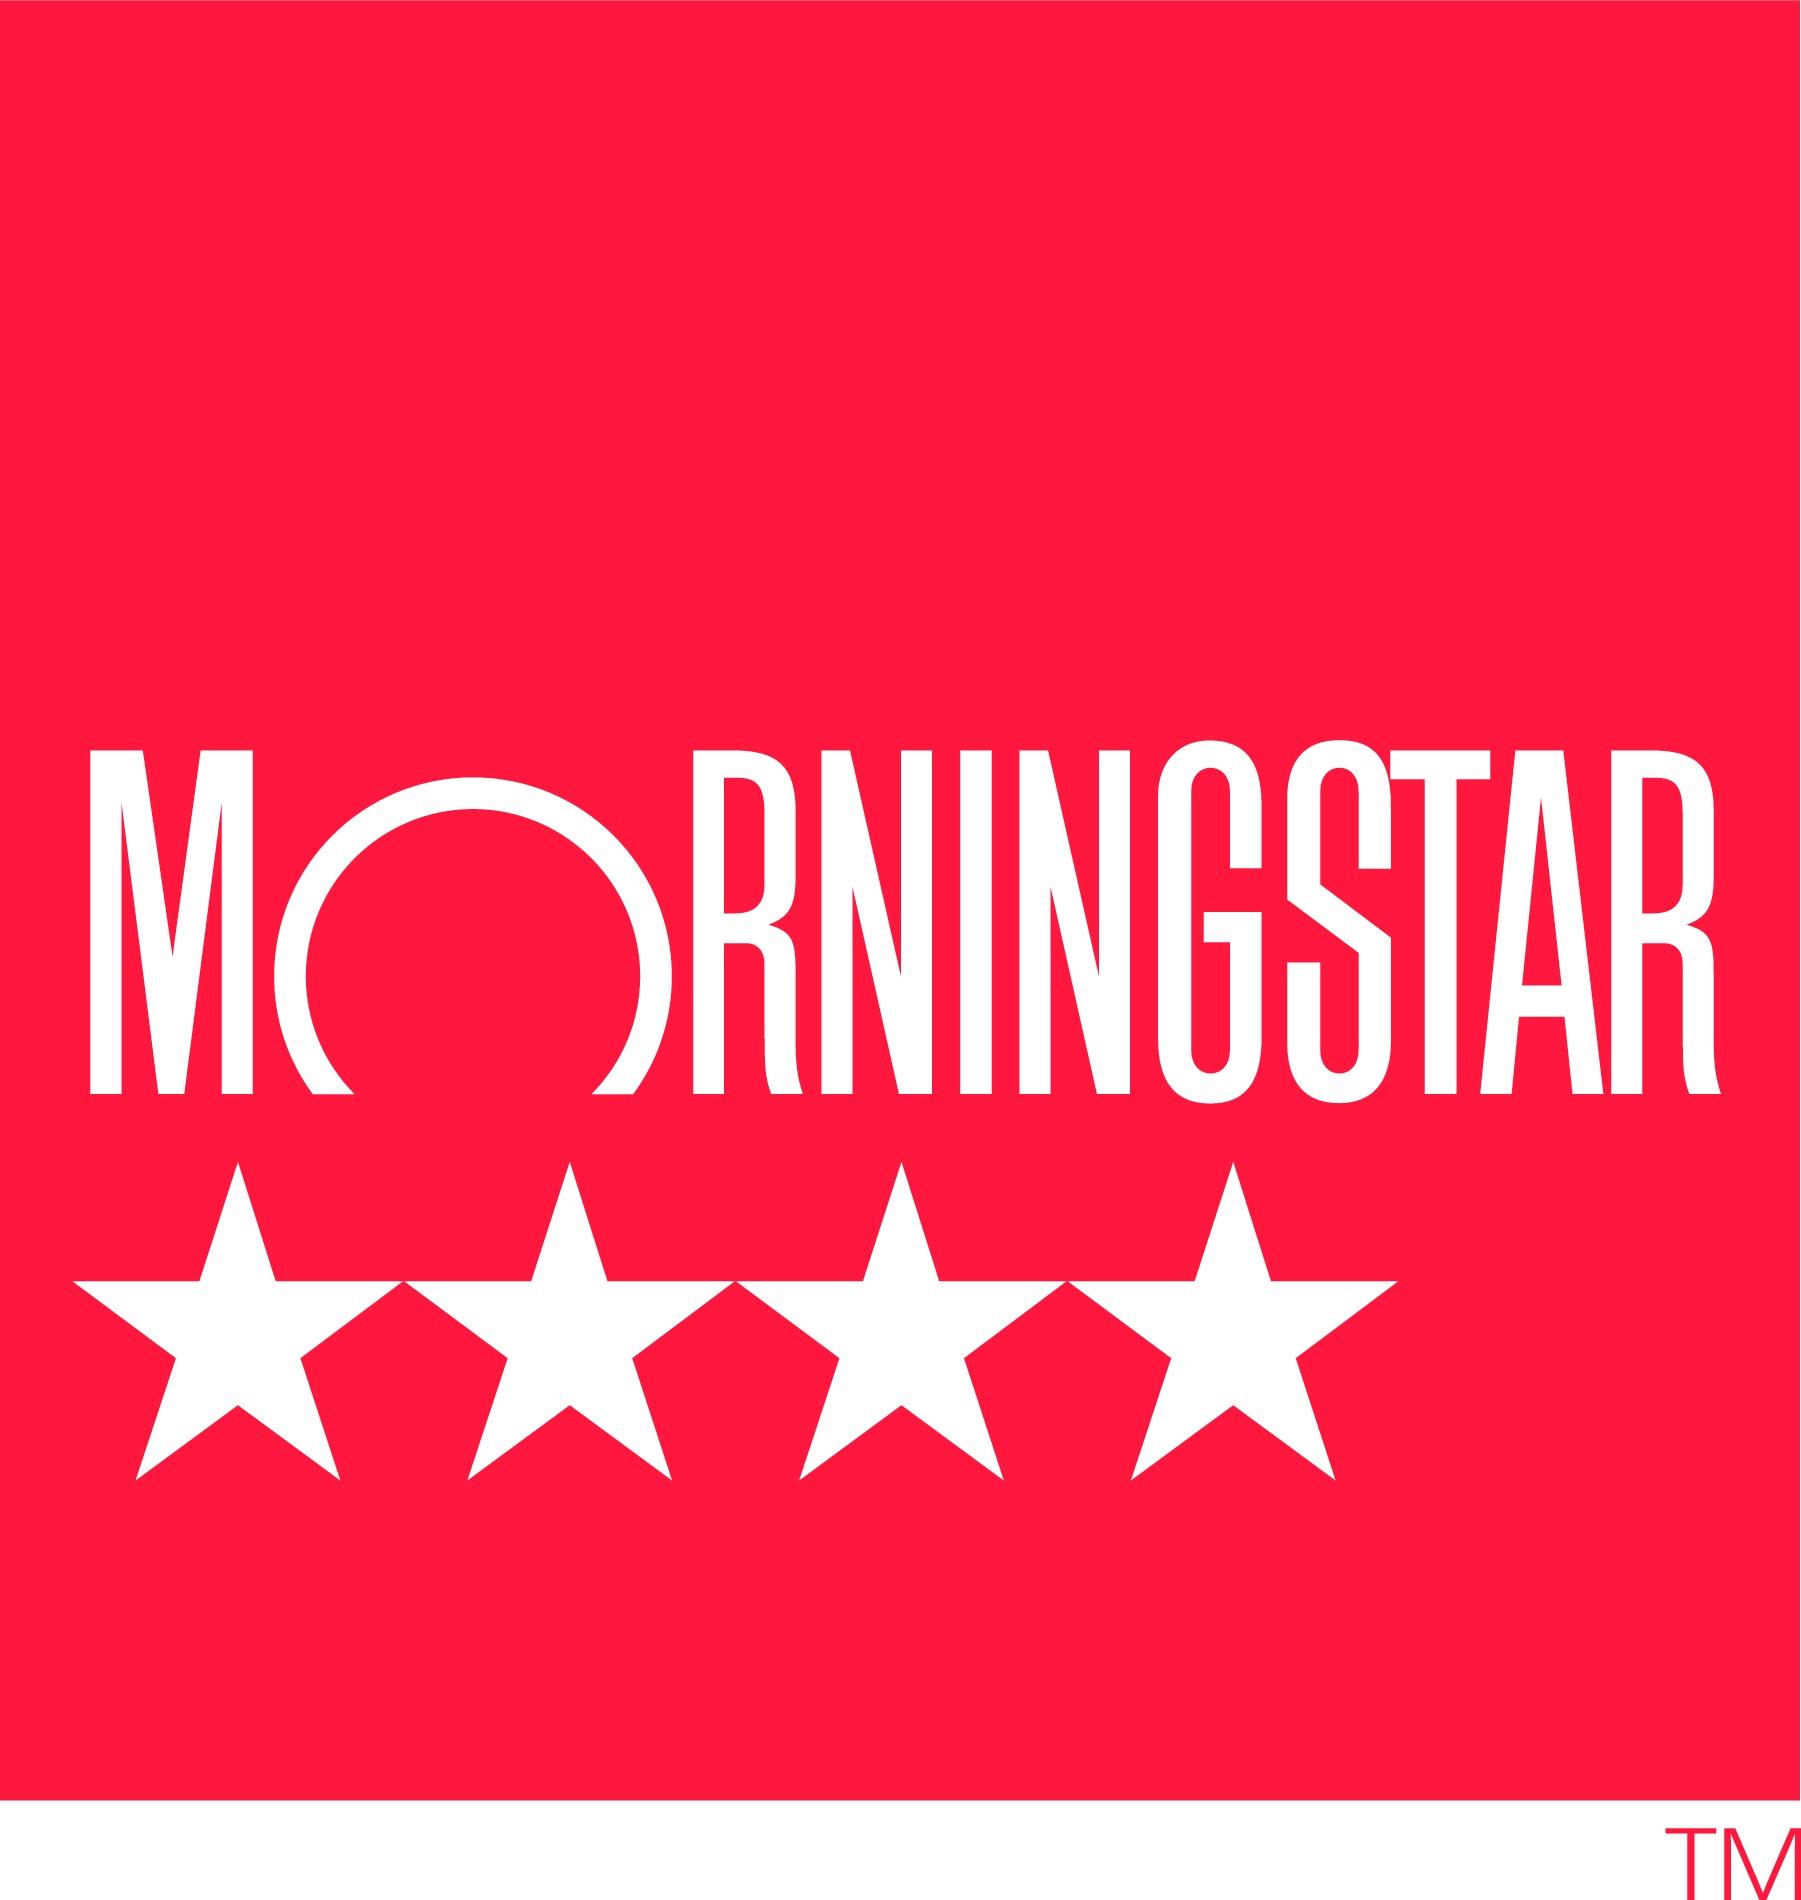 Morningstar 4 Sterne